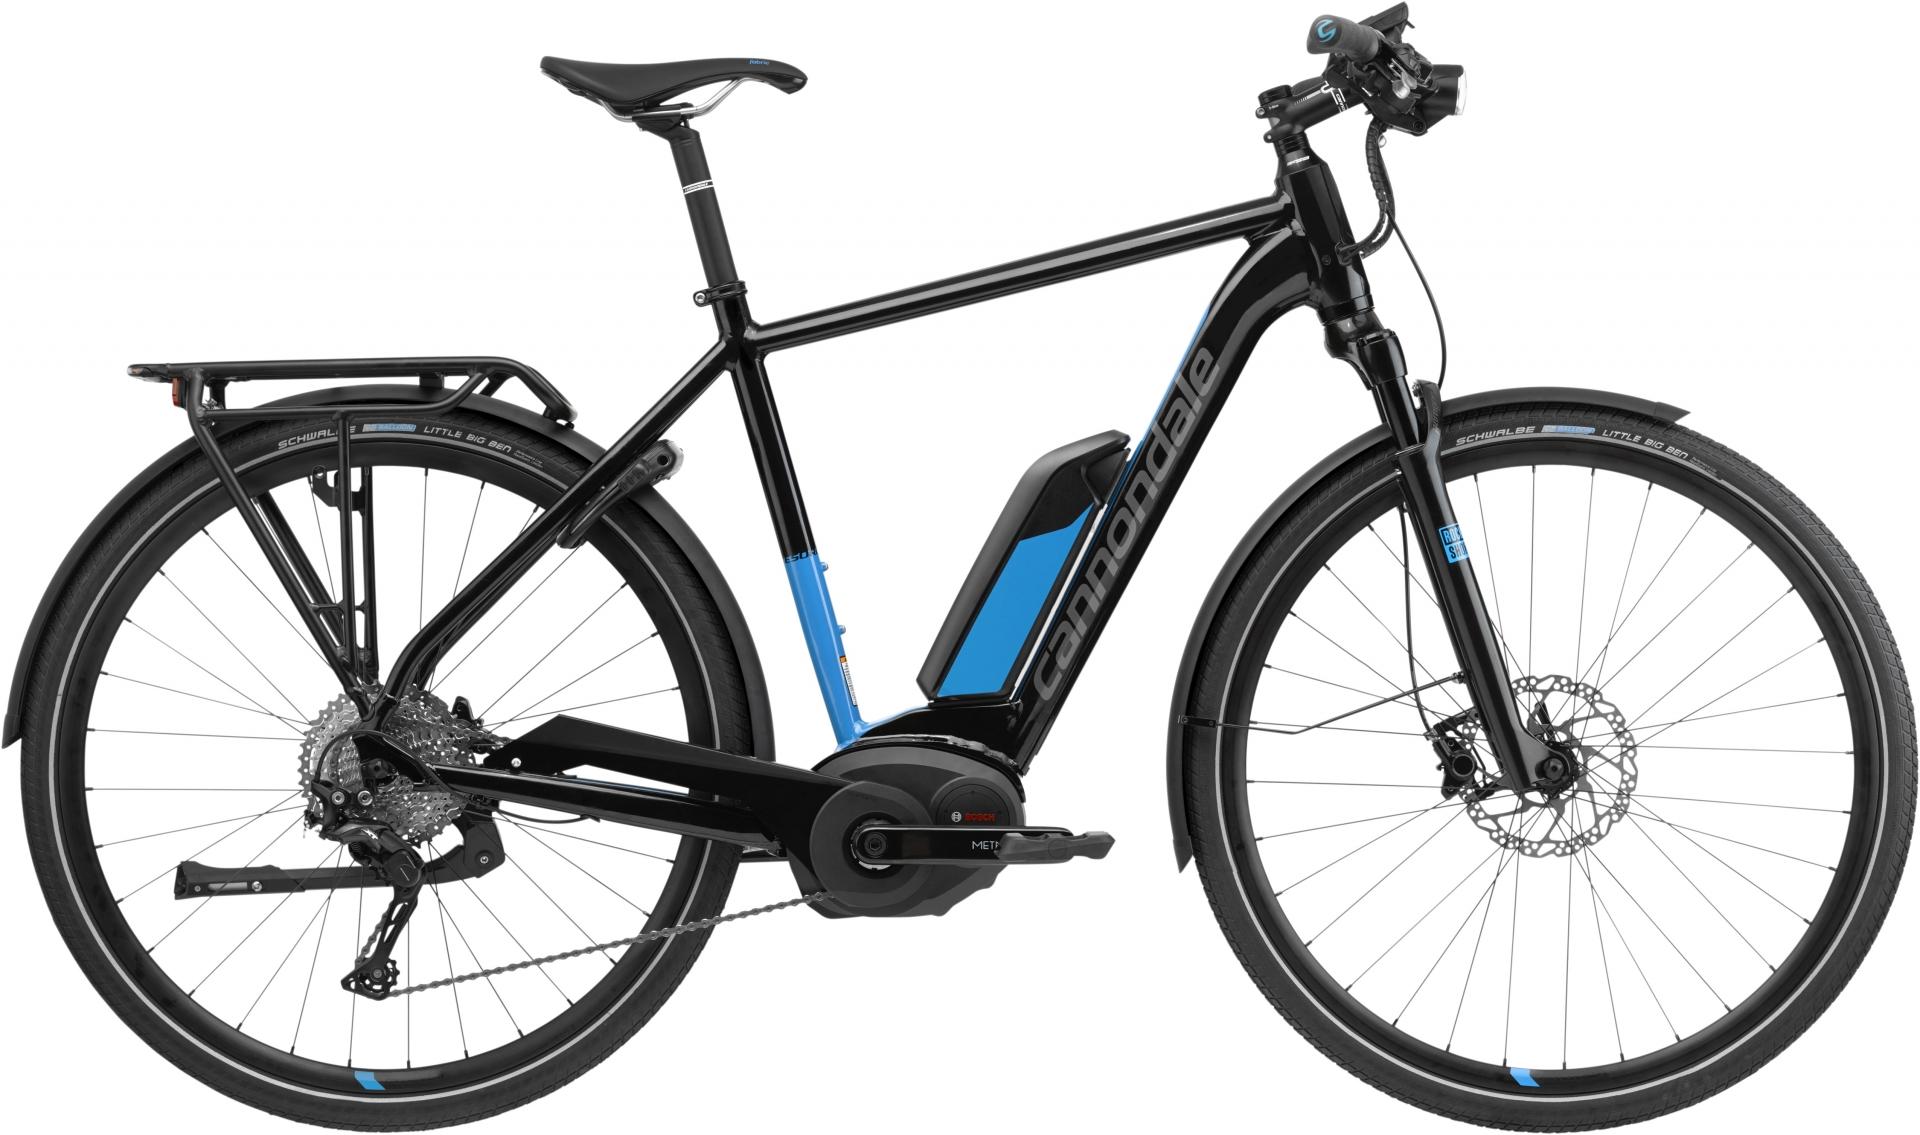 VTC électrique Cannondale Tesoro Neo 1 Noir/Bleu - 56